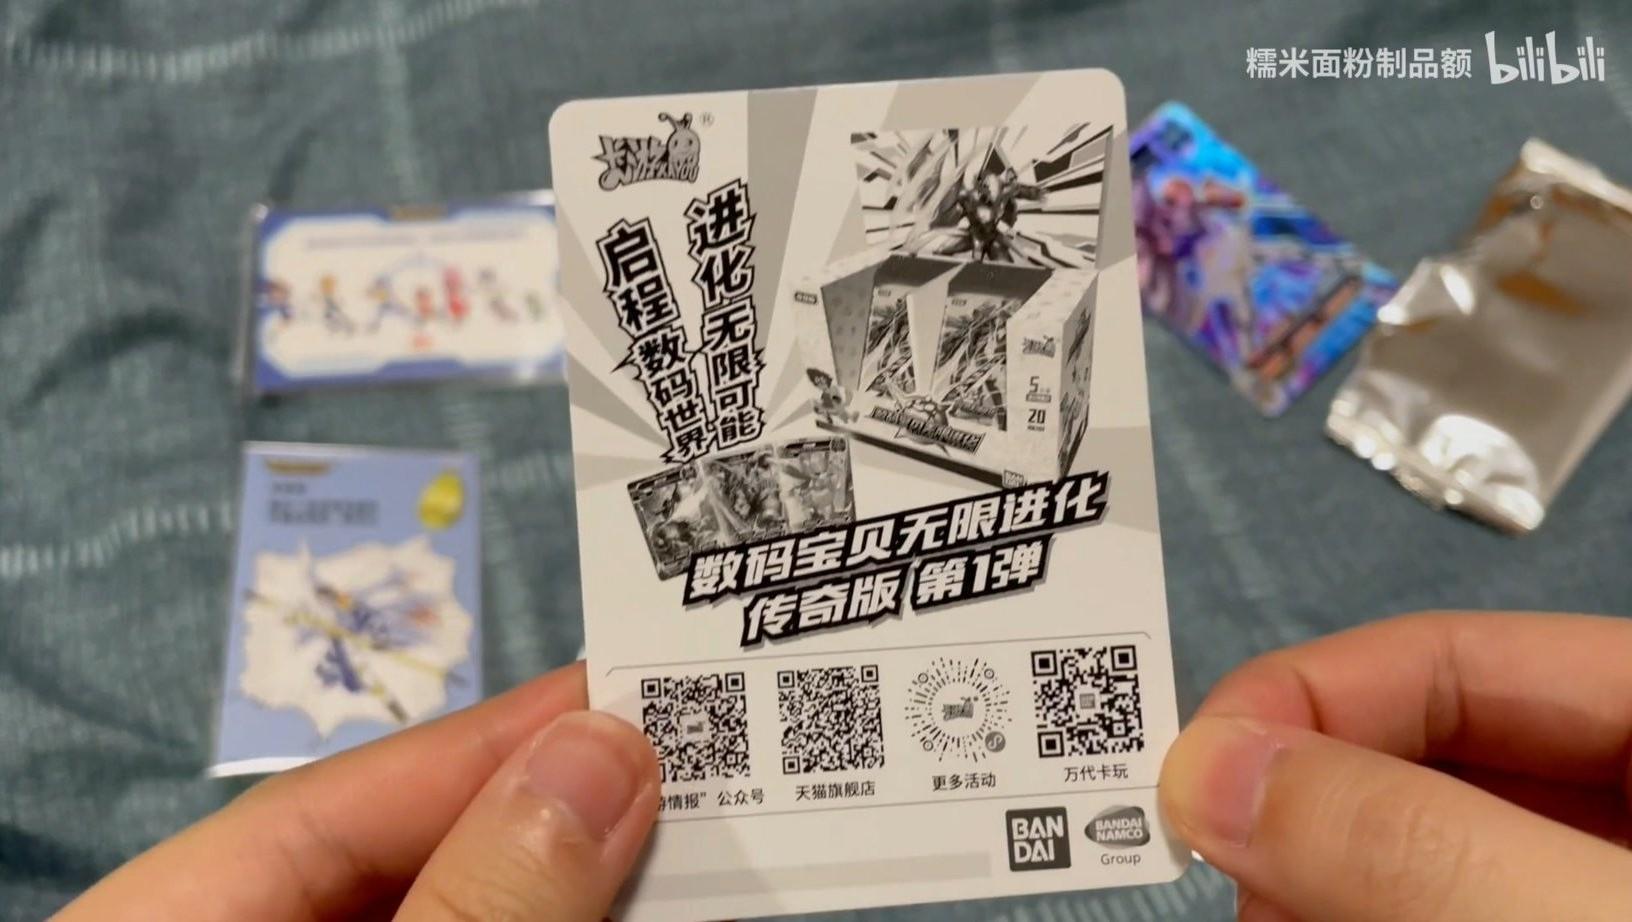 chinesecards03_september25_2021.jpg